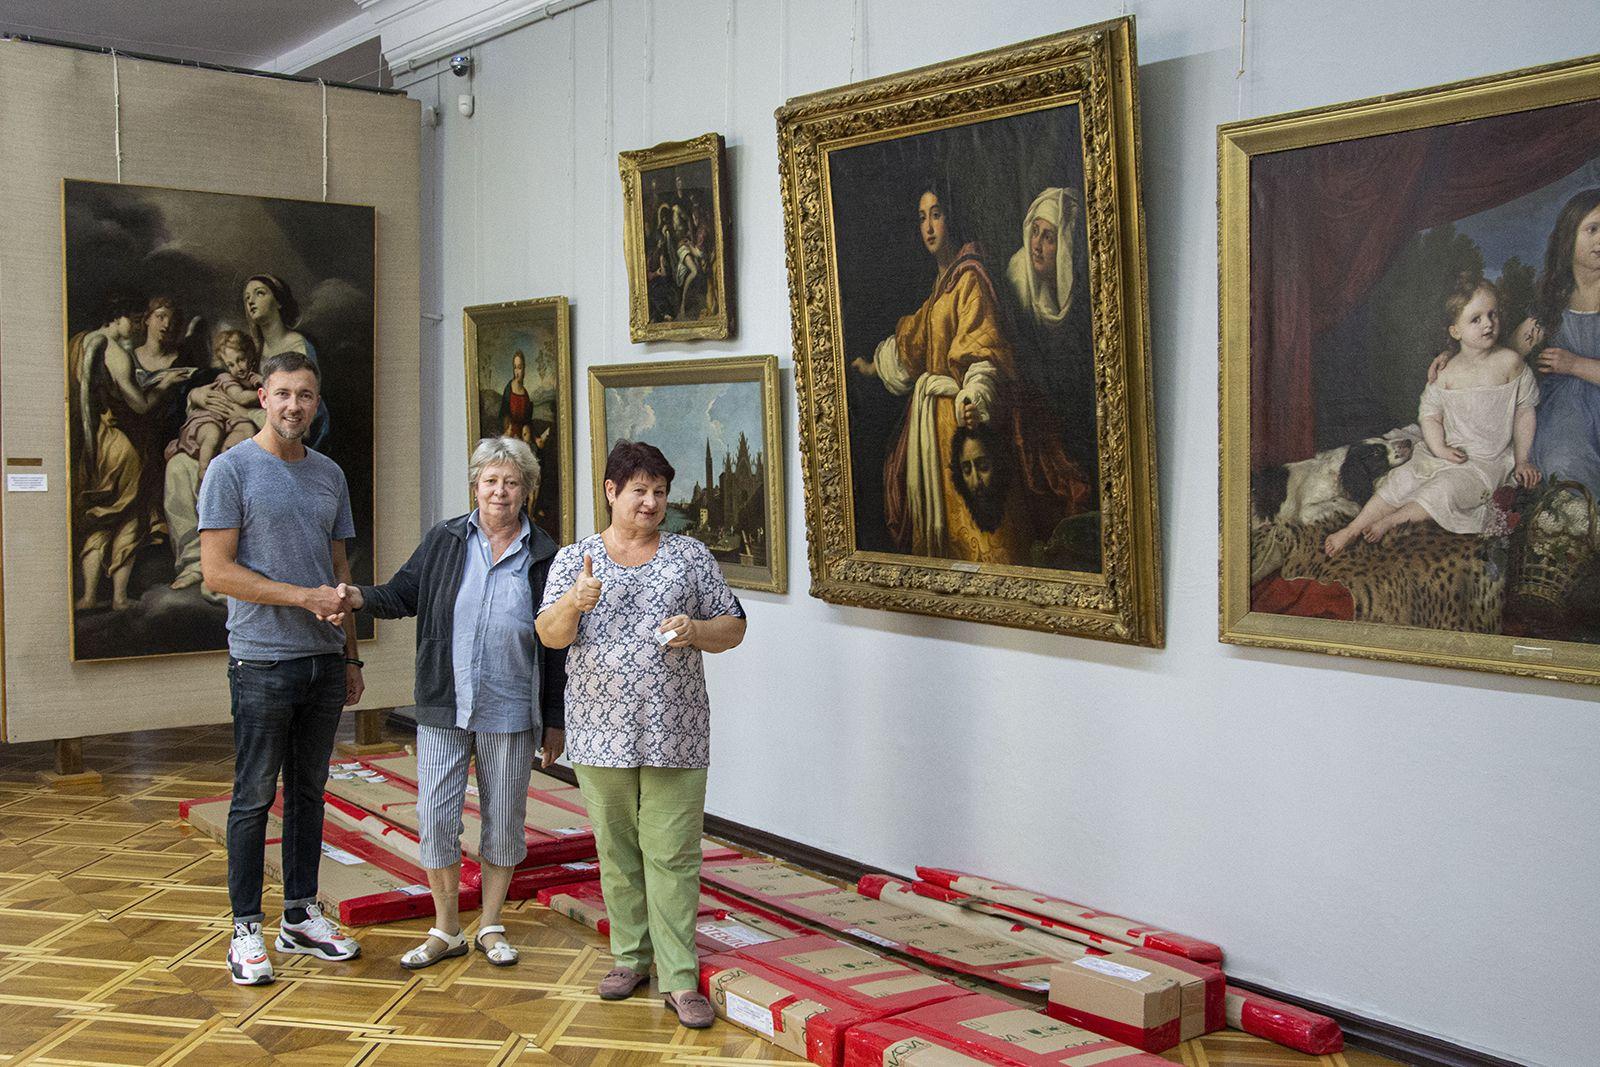 Плюс полсотни экспонатов: николаевскому музею передали витрины для экспонирования фарфора